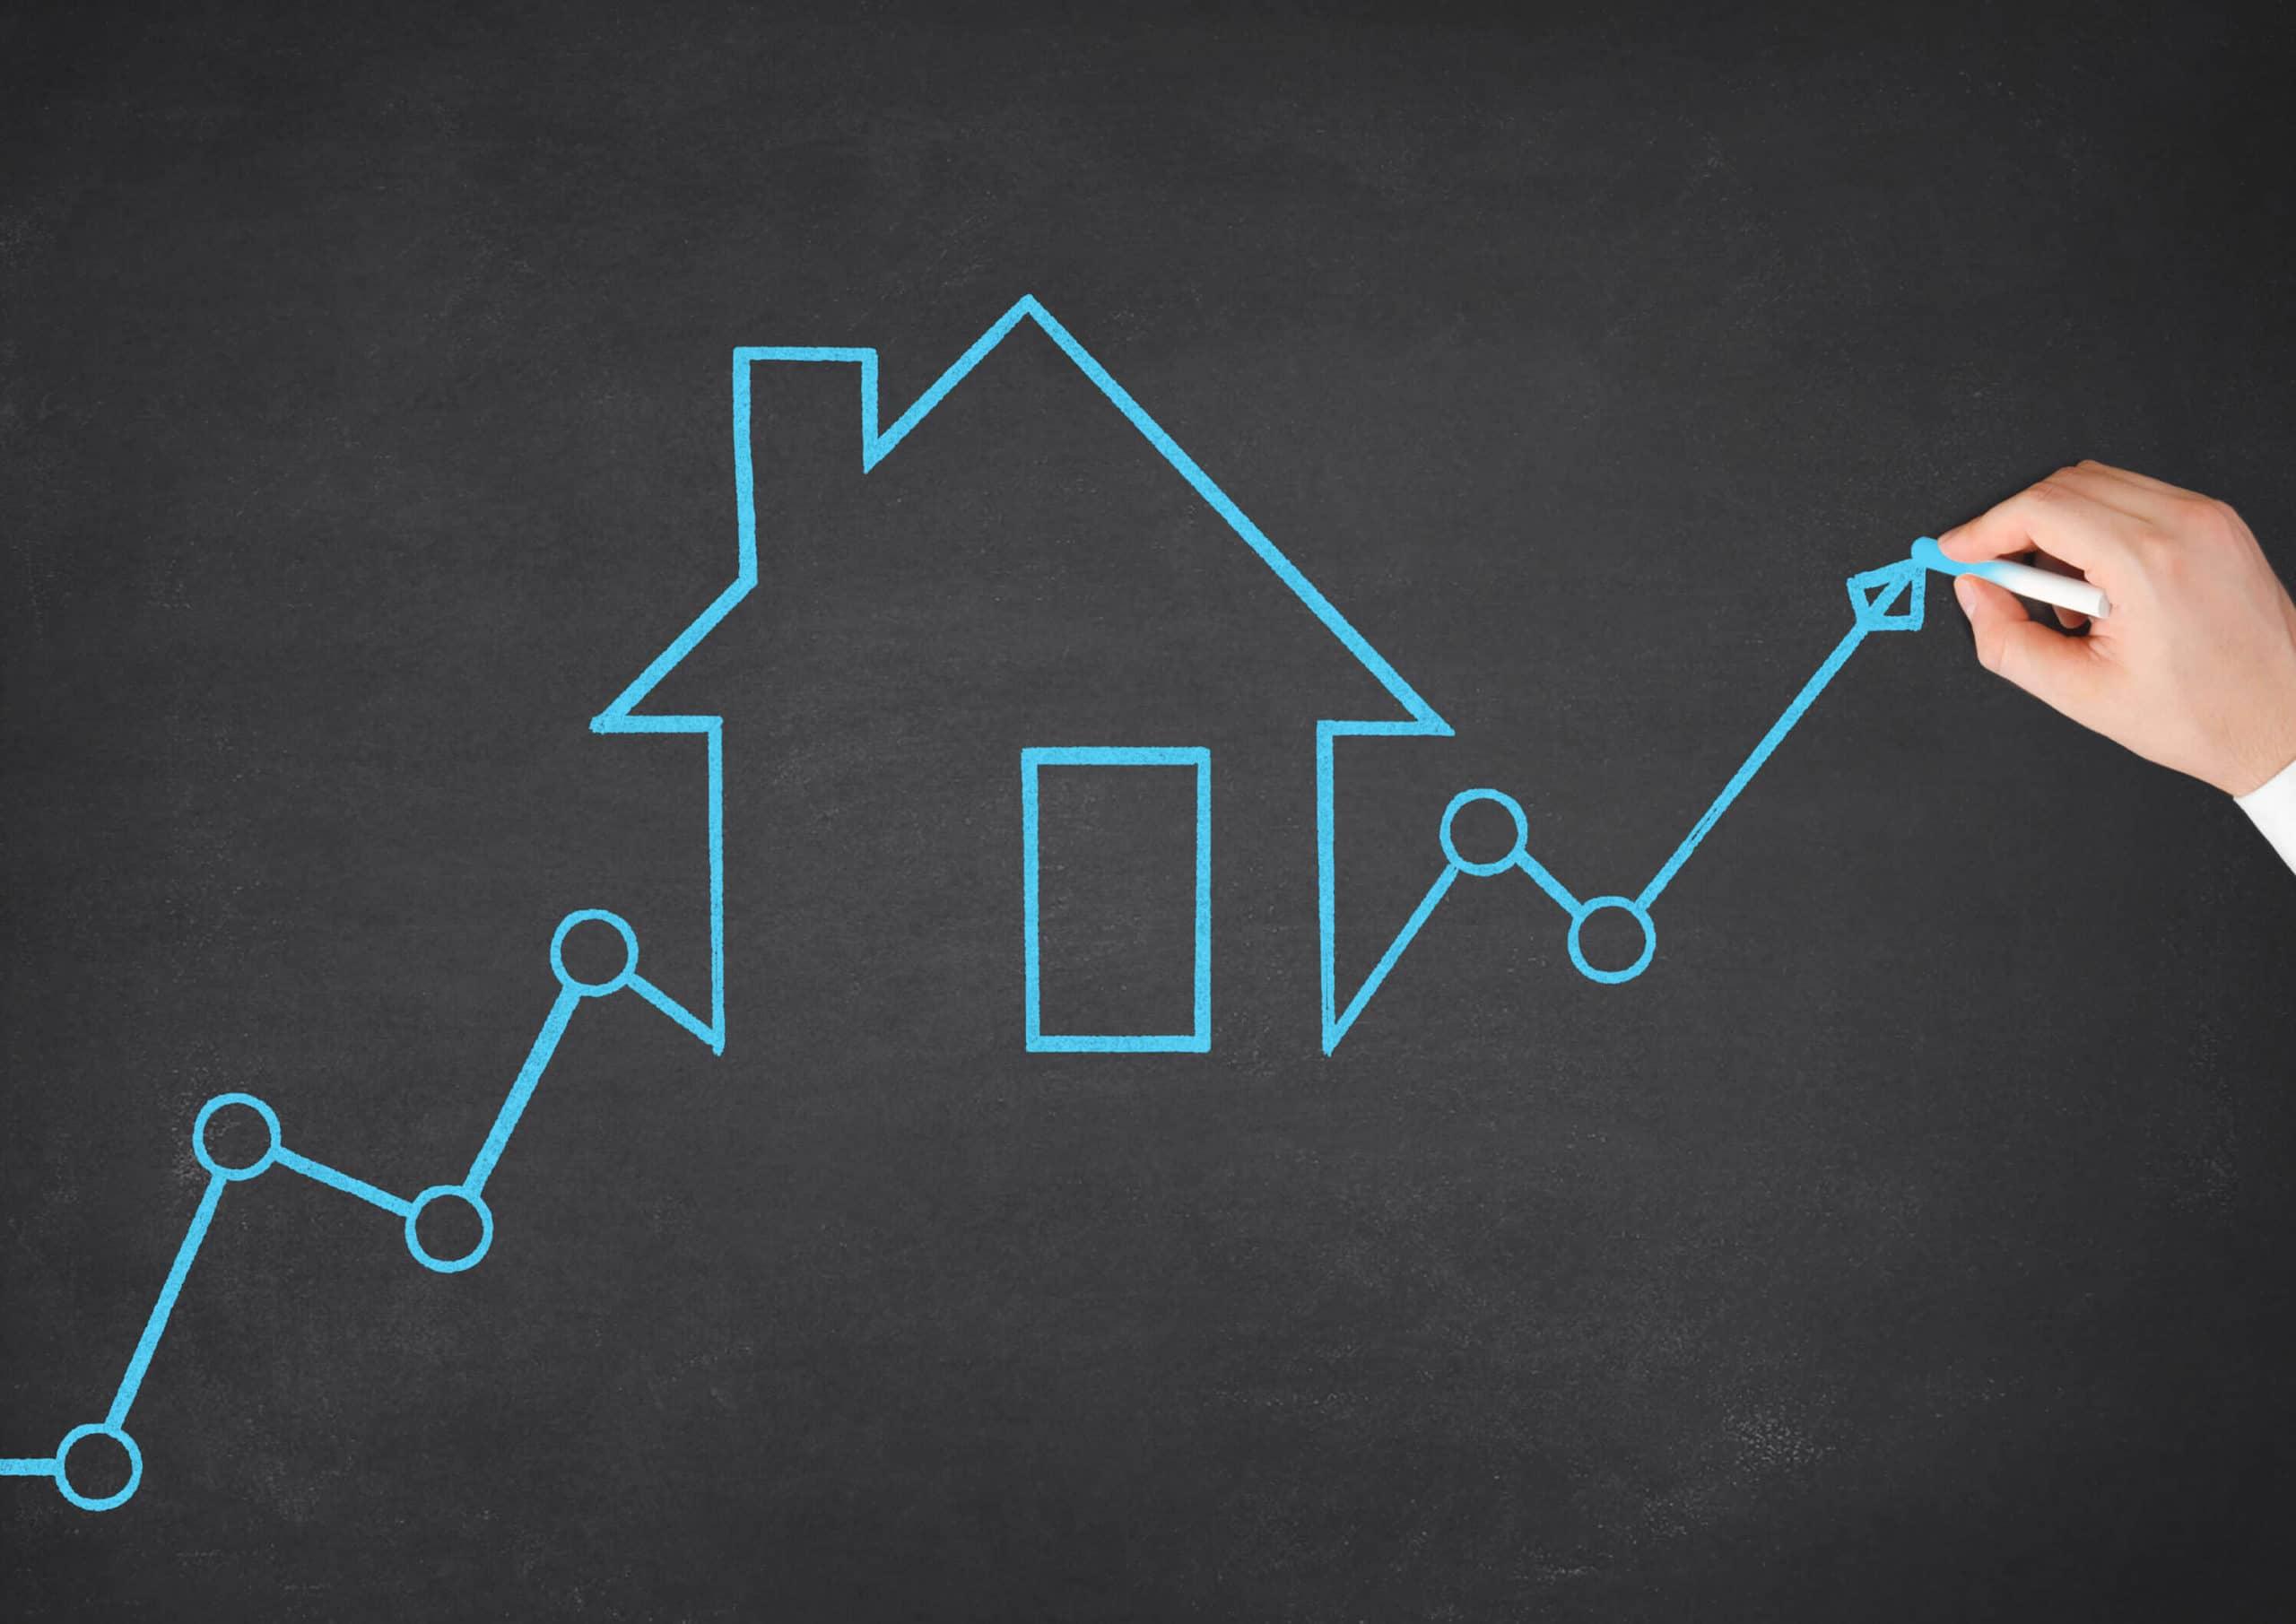 Ablauf beim Immobilienkauf: In 7 Schritten zu Haus & Co.